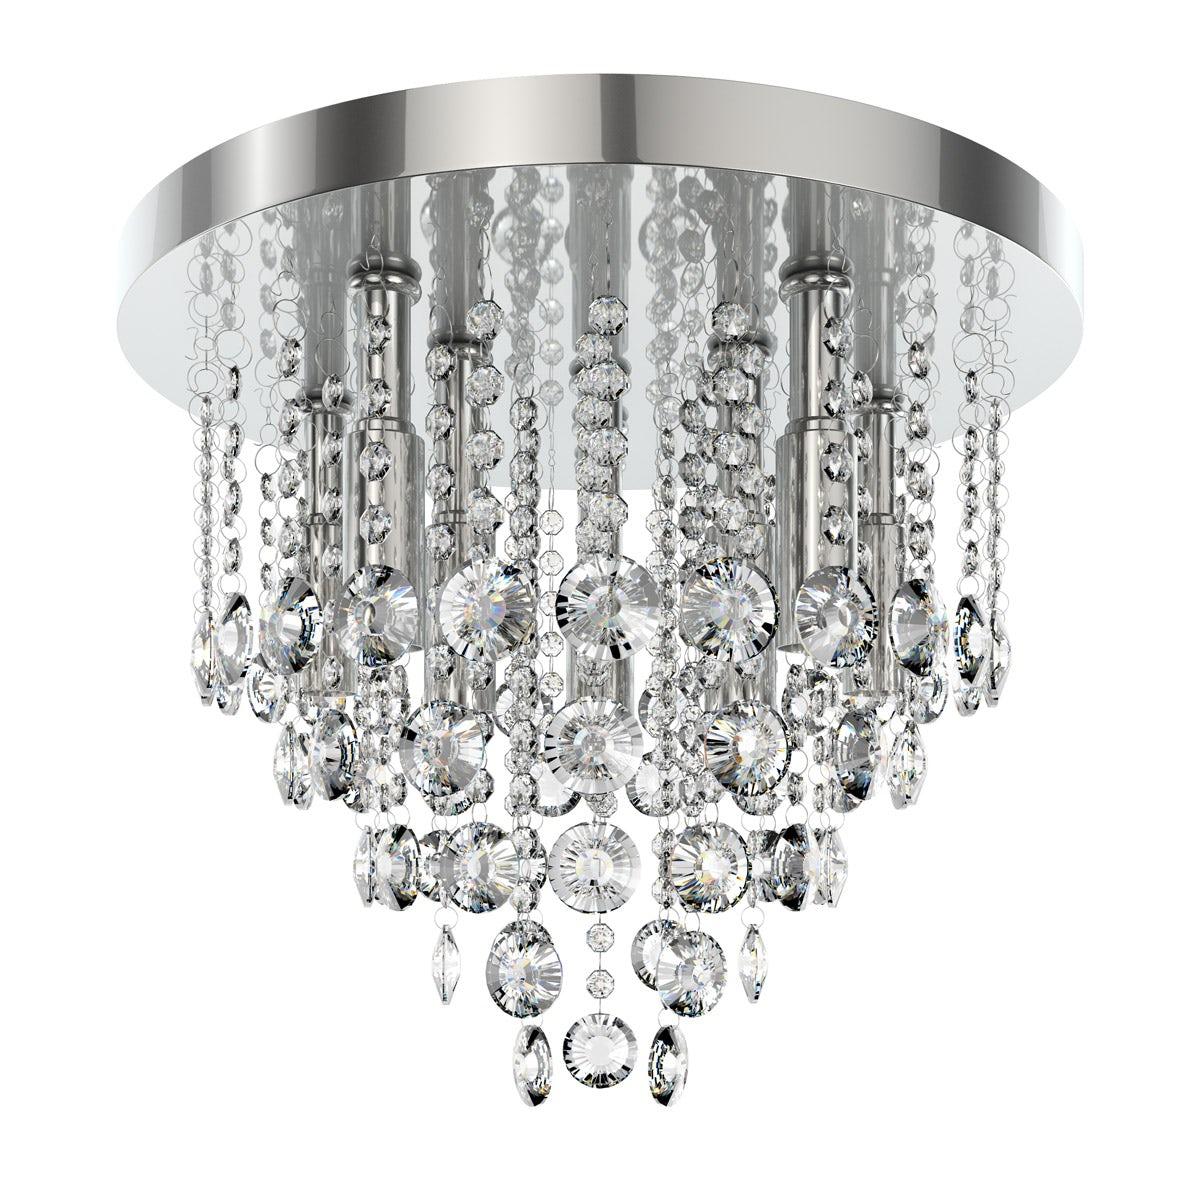 Forum Lenah 380mm flush bathroom ceiling light